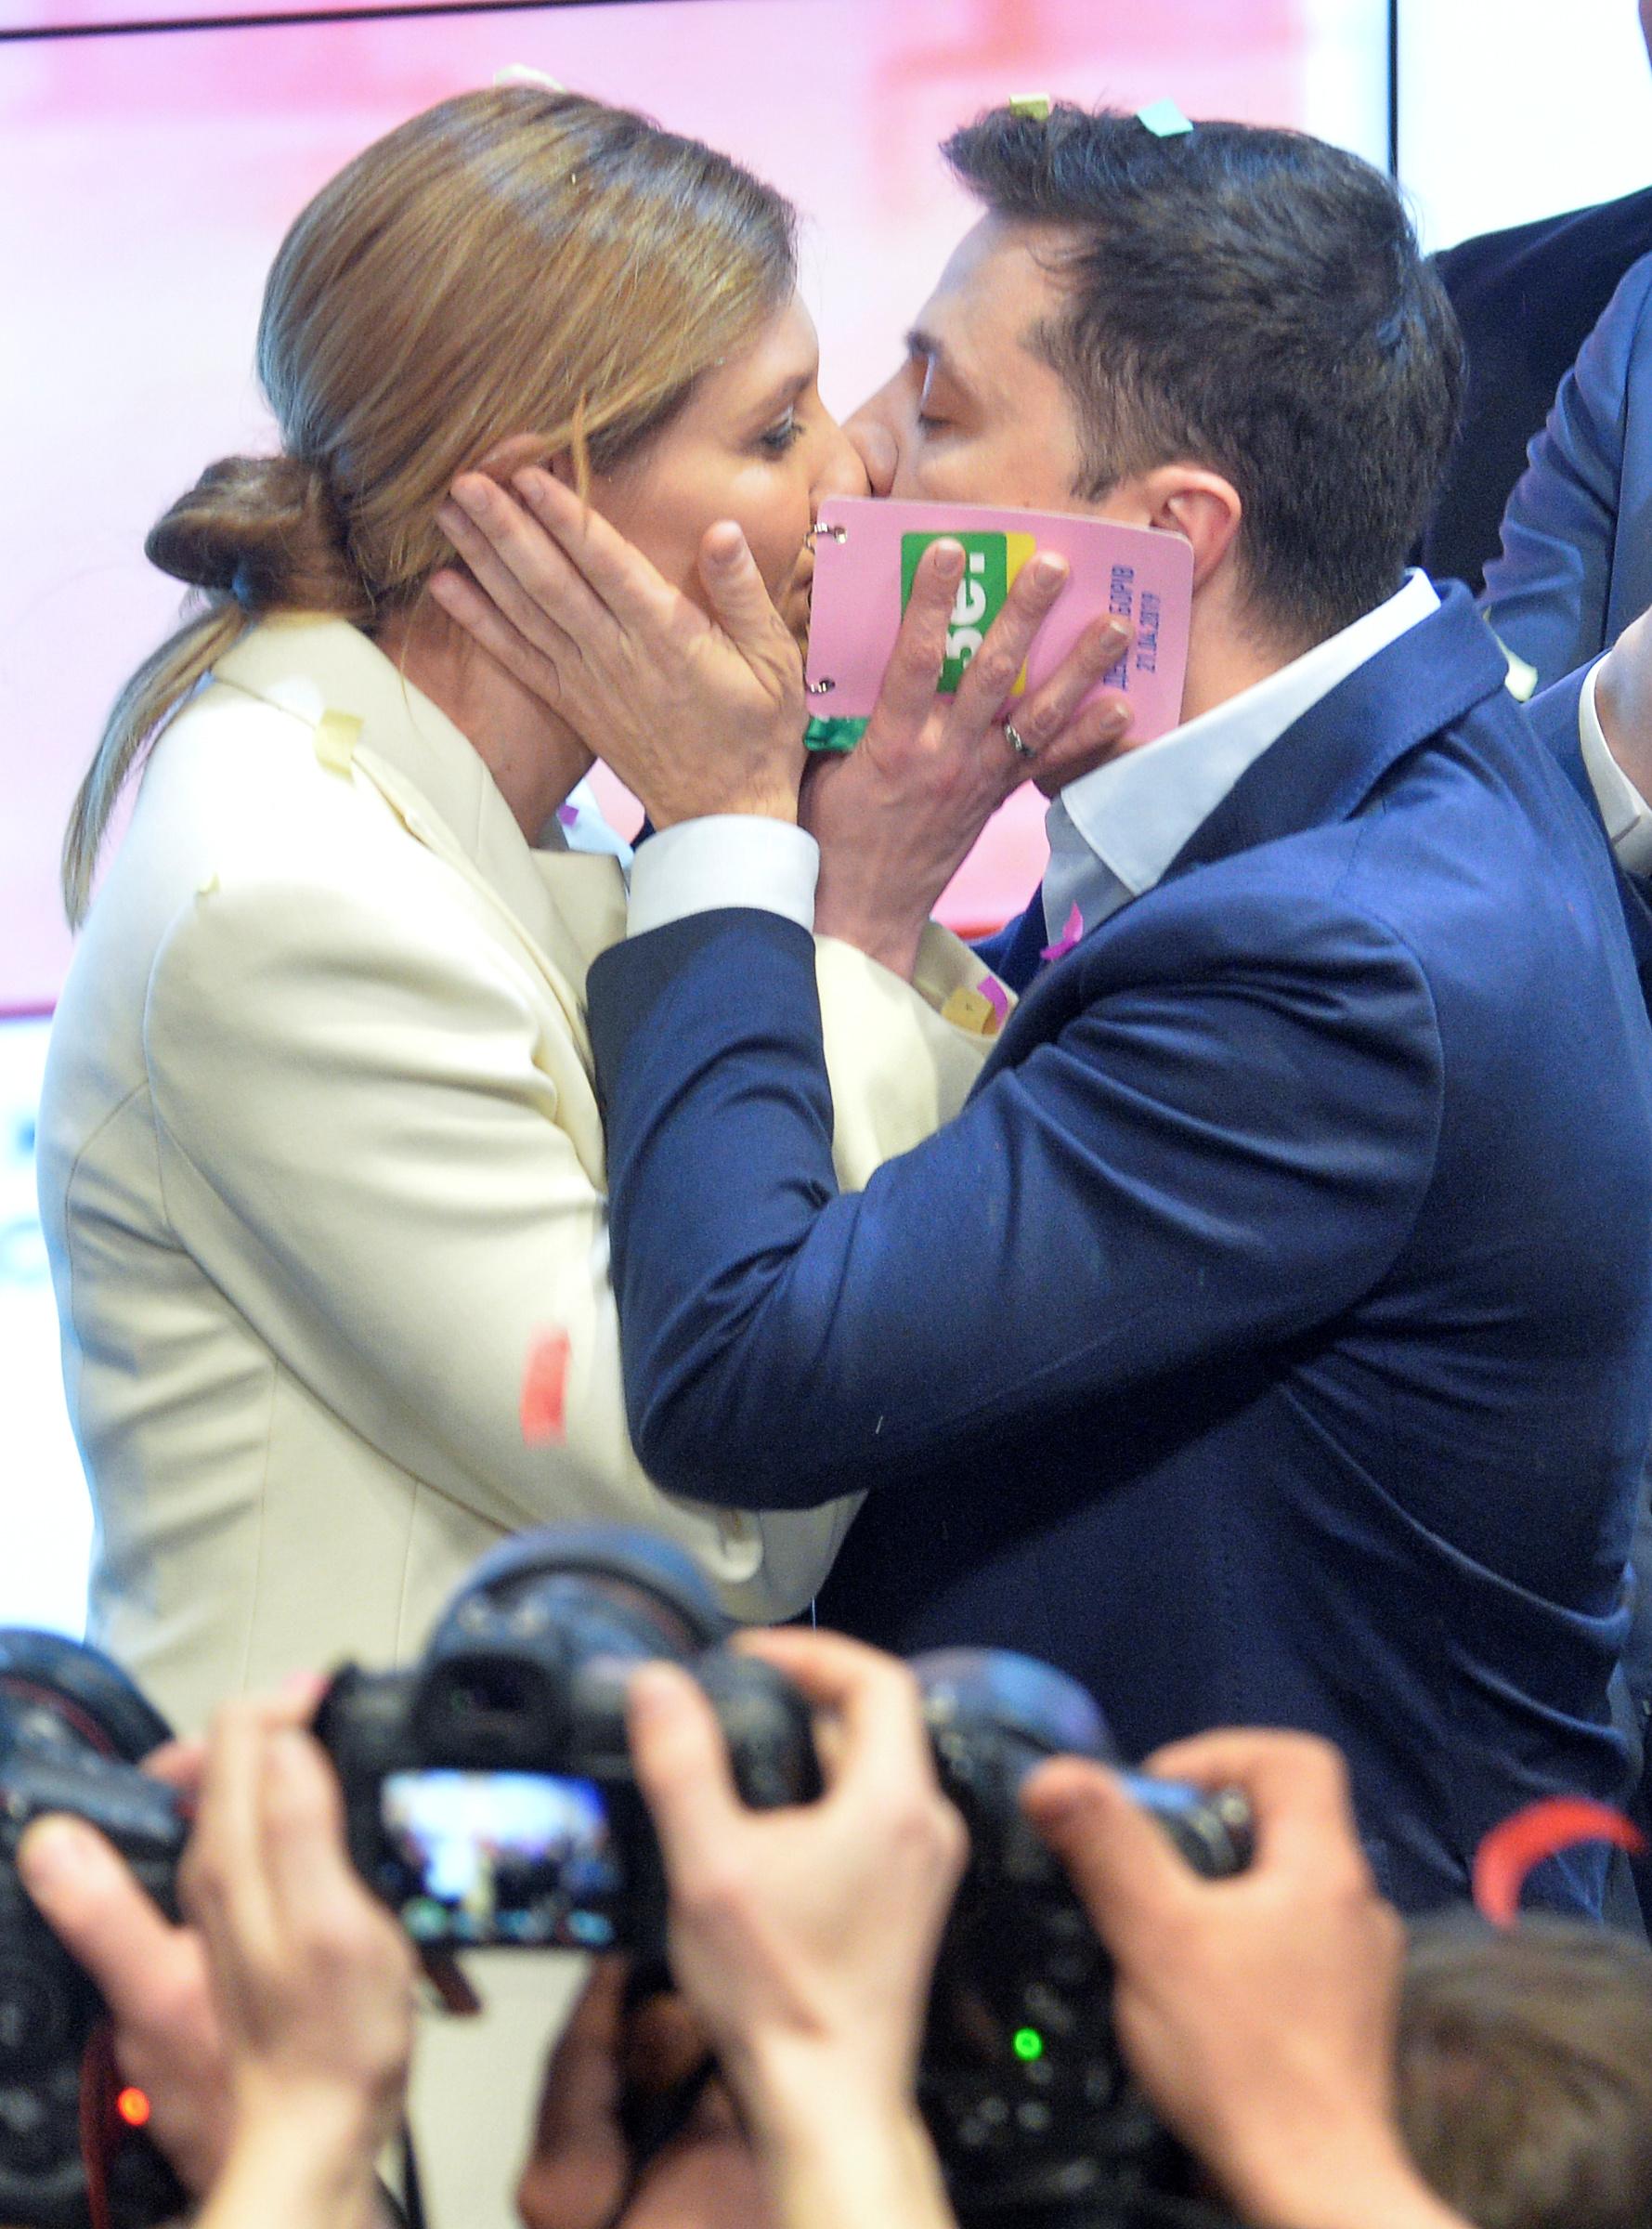 فولوديمير زيلينسكى يقبل زوجته بعد اعلان فوزه بالرئاسة